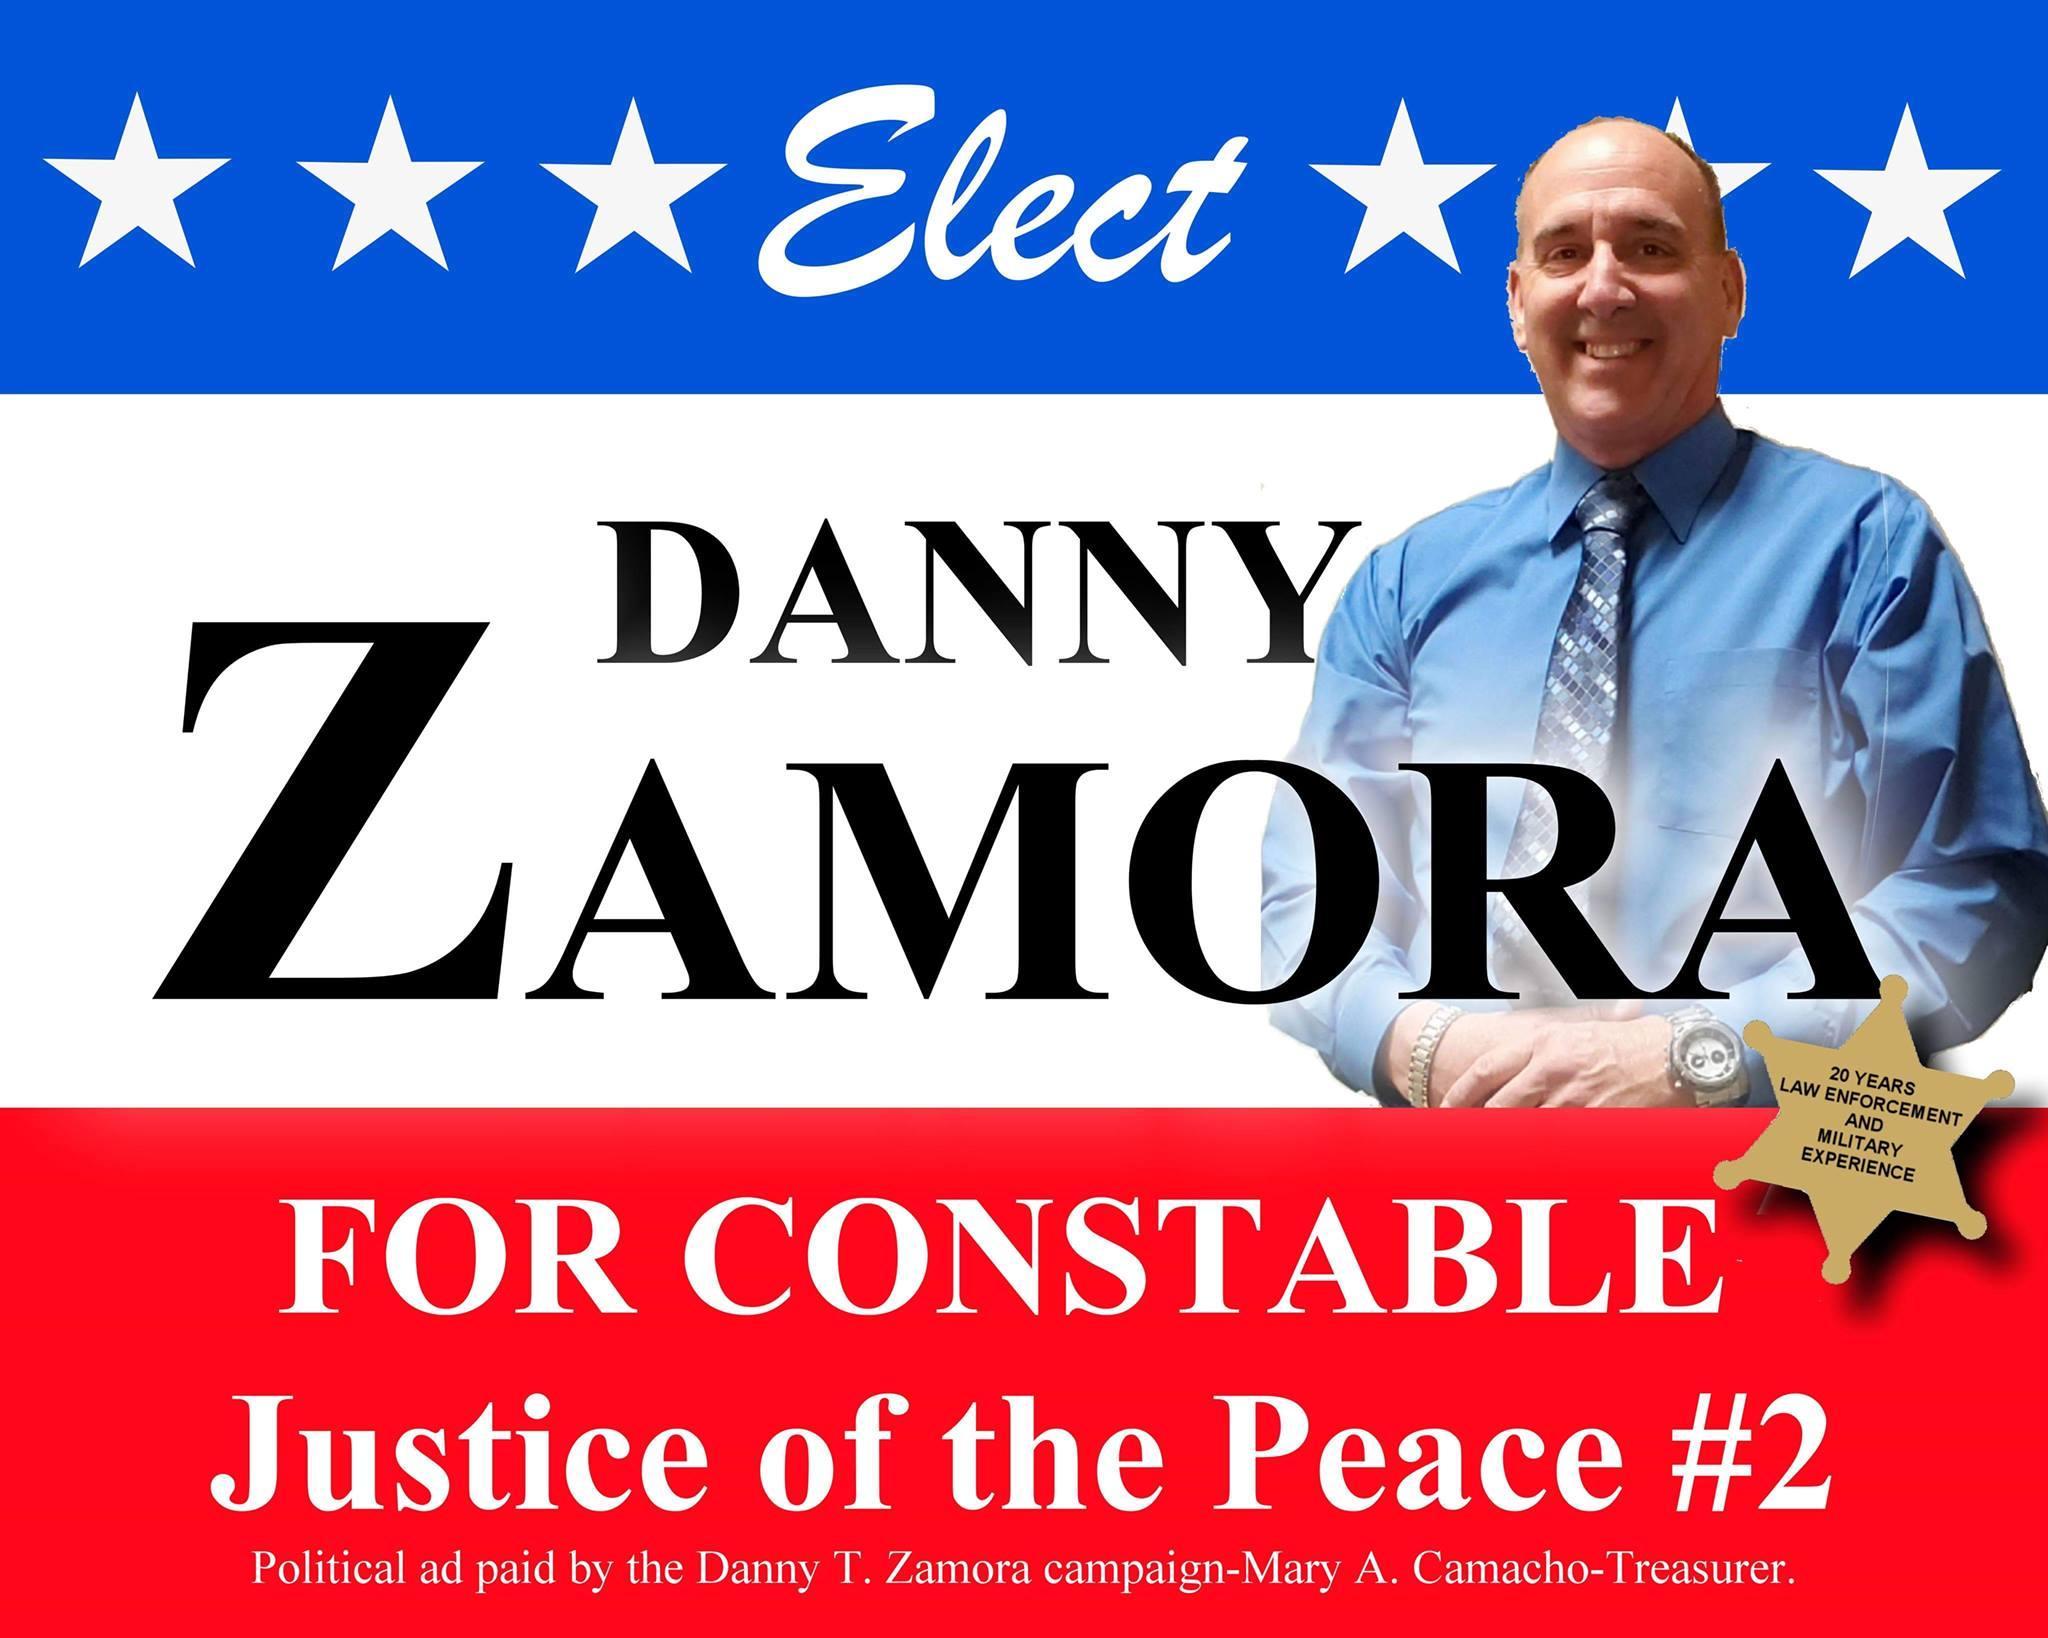 Danny Zamora